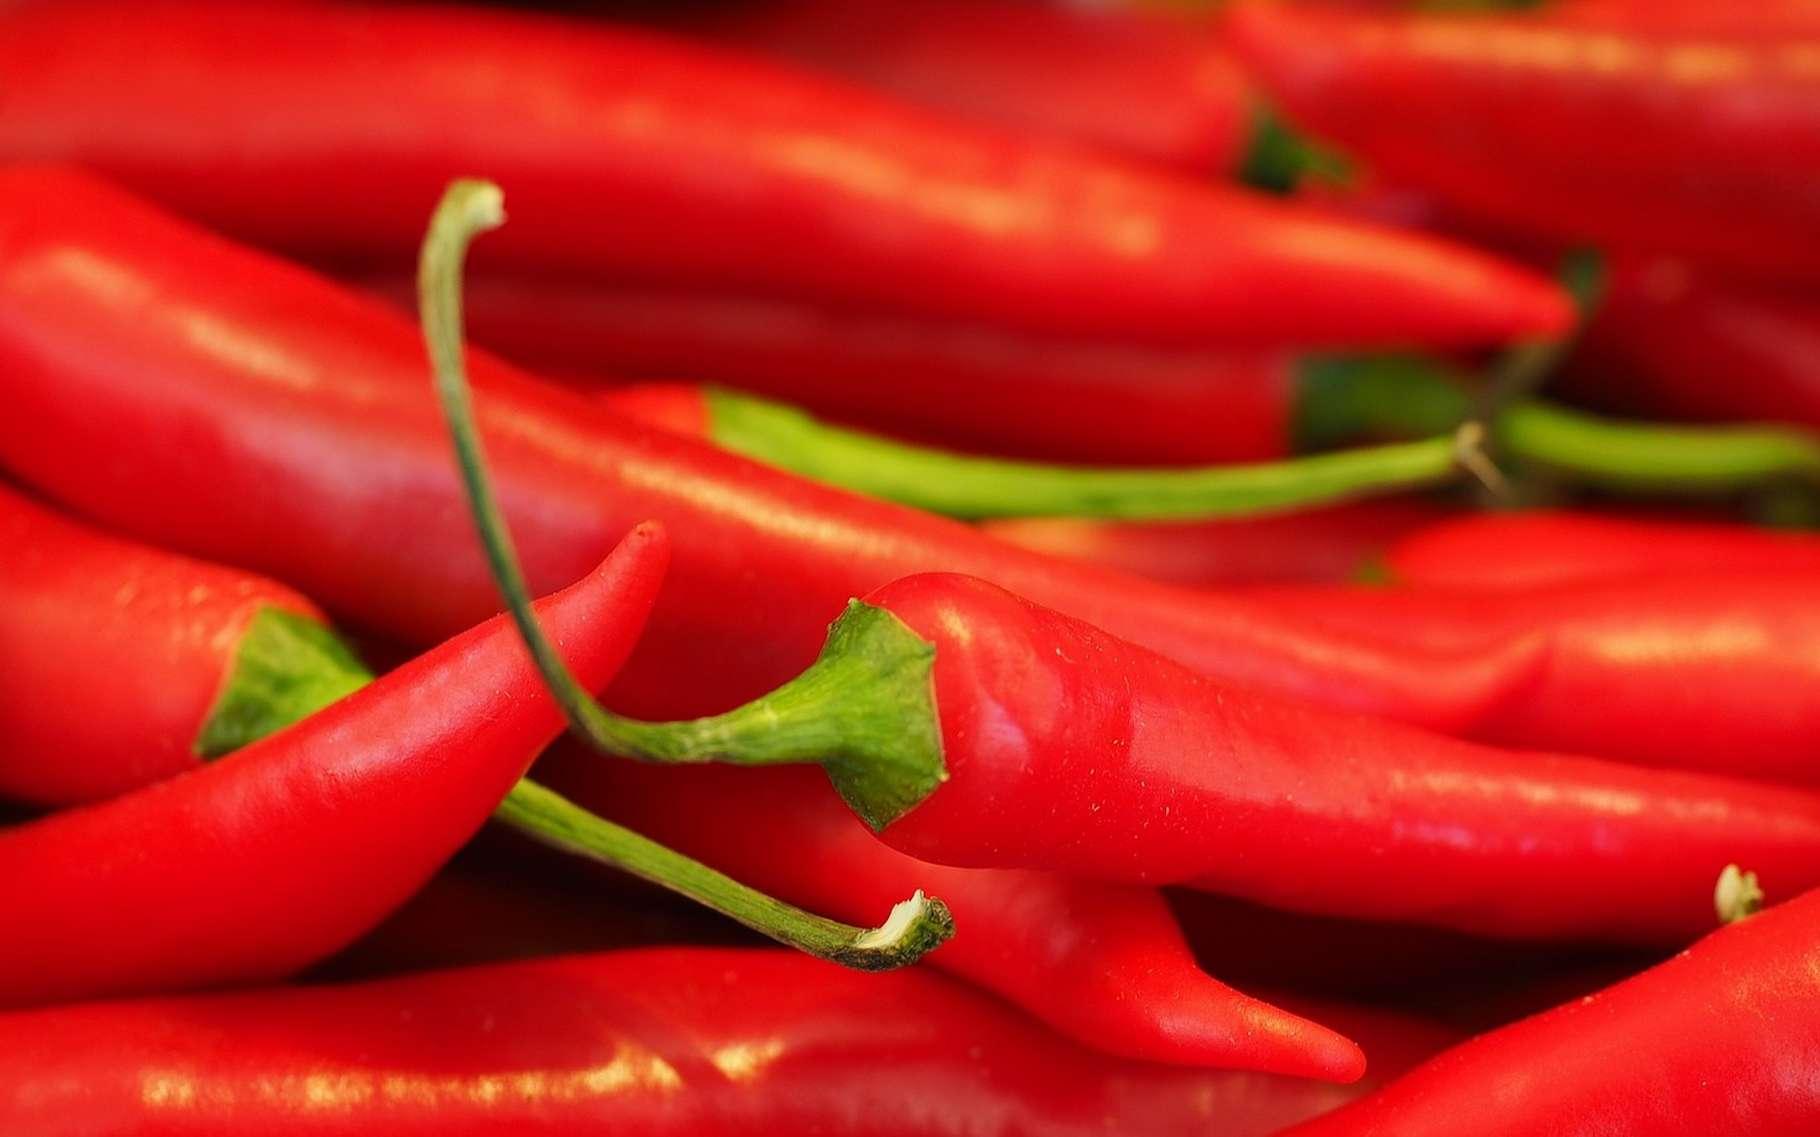 Le piment a des effets bénéfiques sur la santé, à condition de ne pas en abuser. © hans, Pixabay License